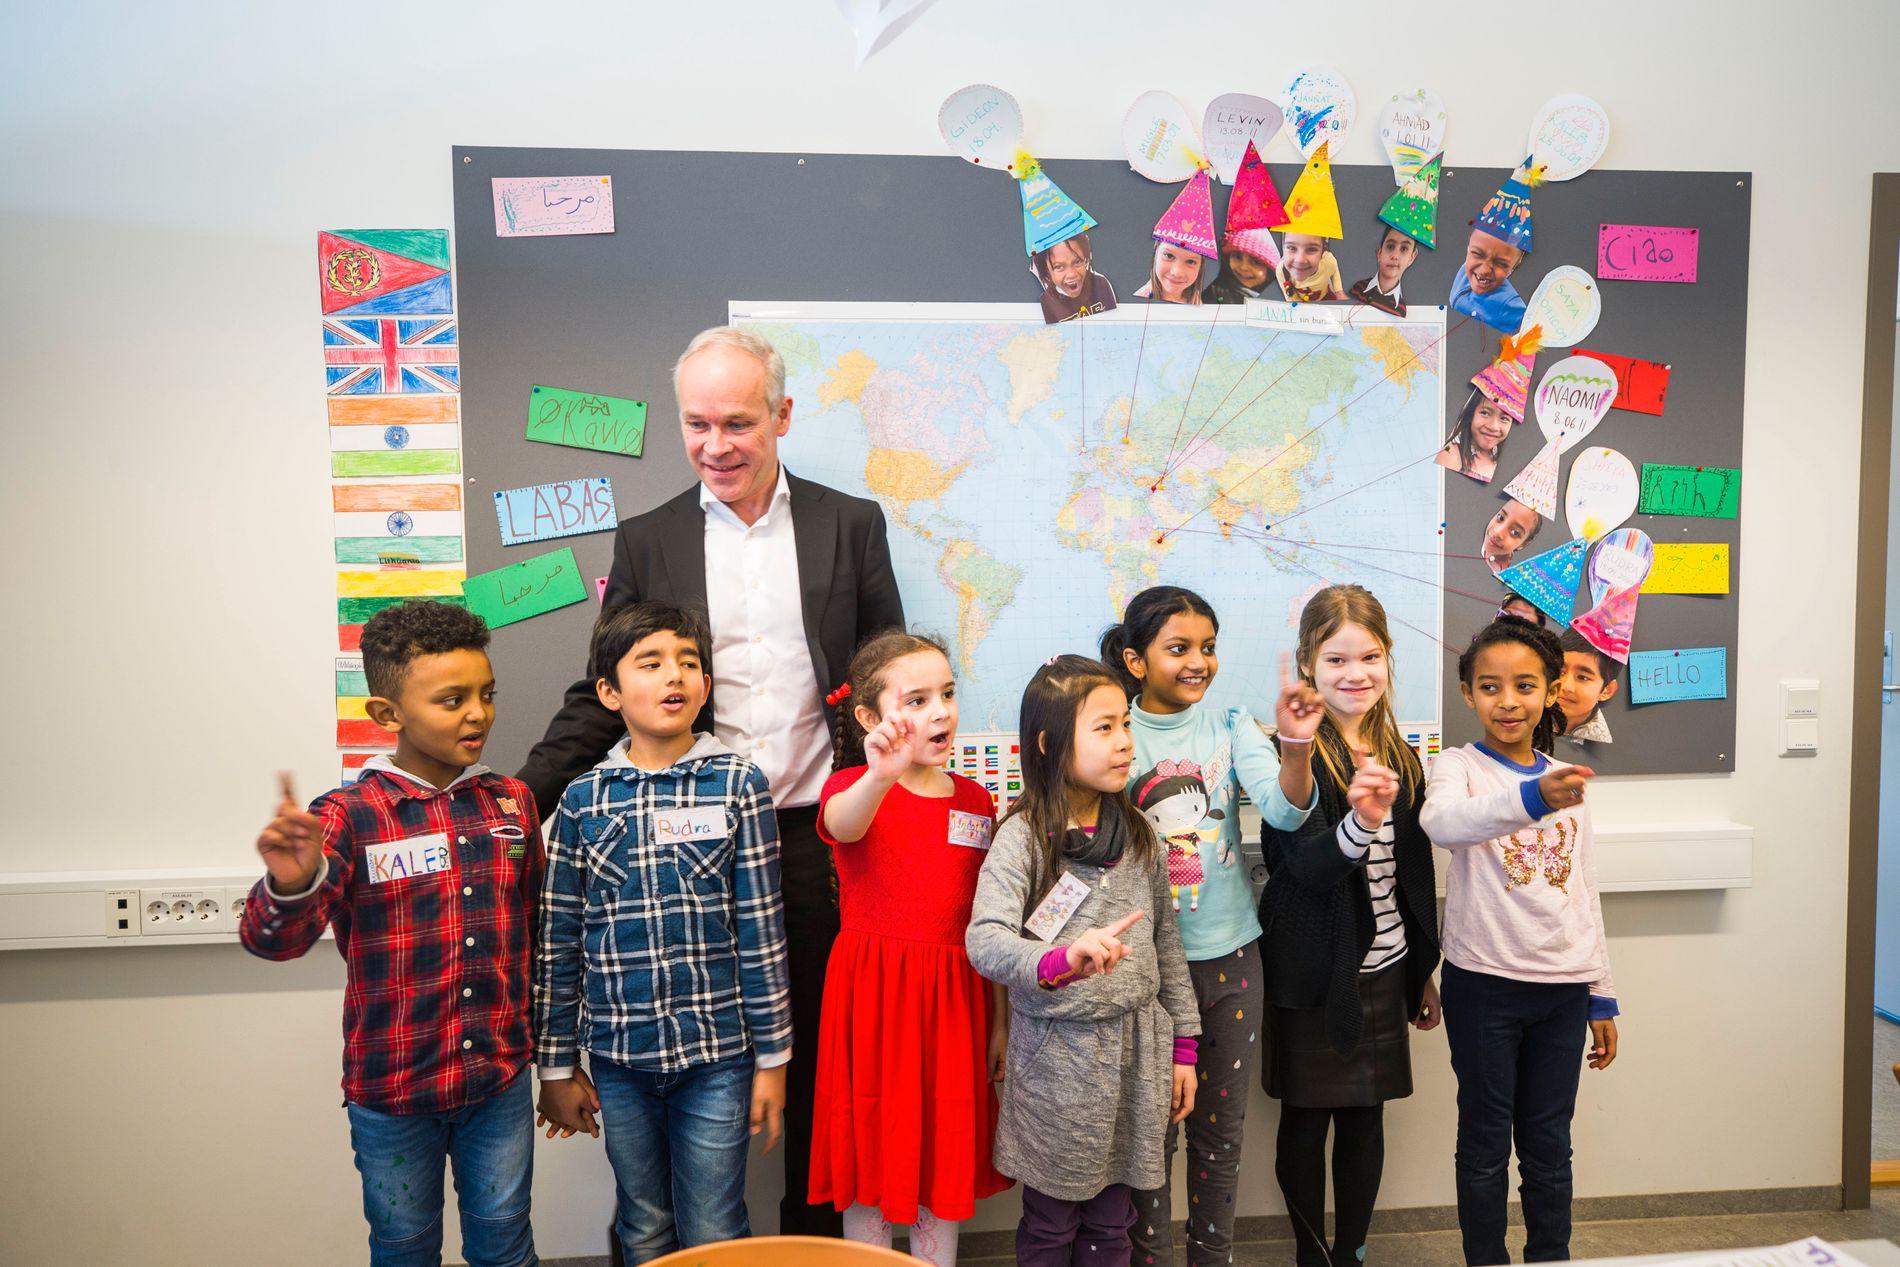 FØRSTE SKOLEBESØK: Jan Tore Sanner kom på sitt første skolebesøk som kunnskaps- og integreringsminister da han møtte elever i en internasjonal klasse på Bondi skole i Asker. Han fant fort tonen med elevene.